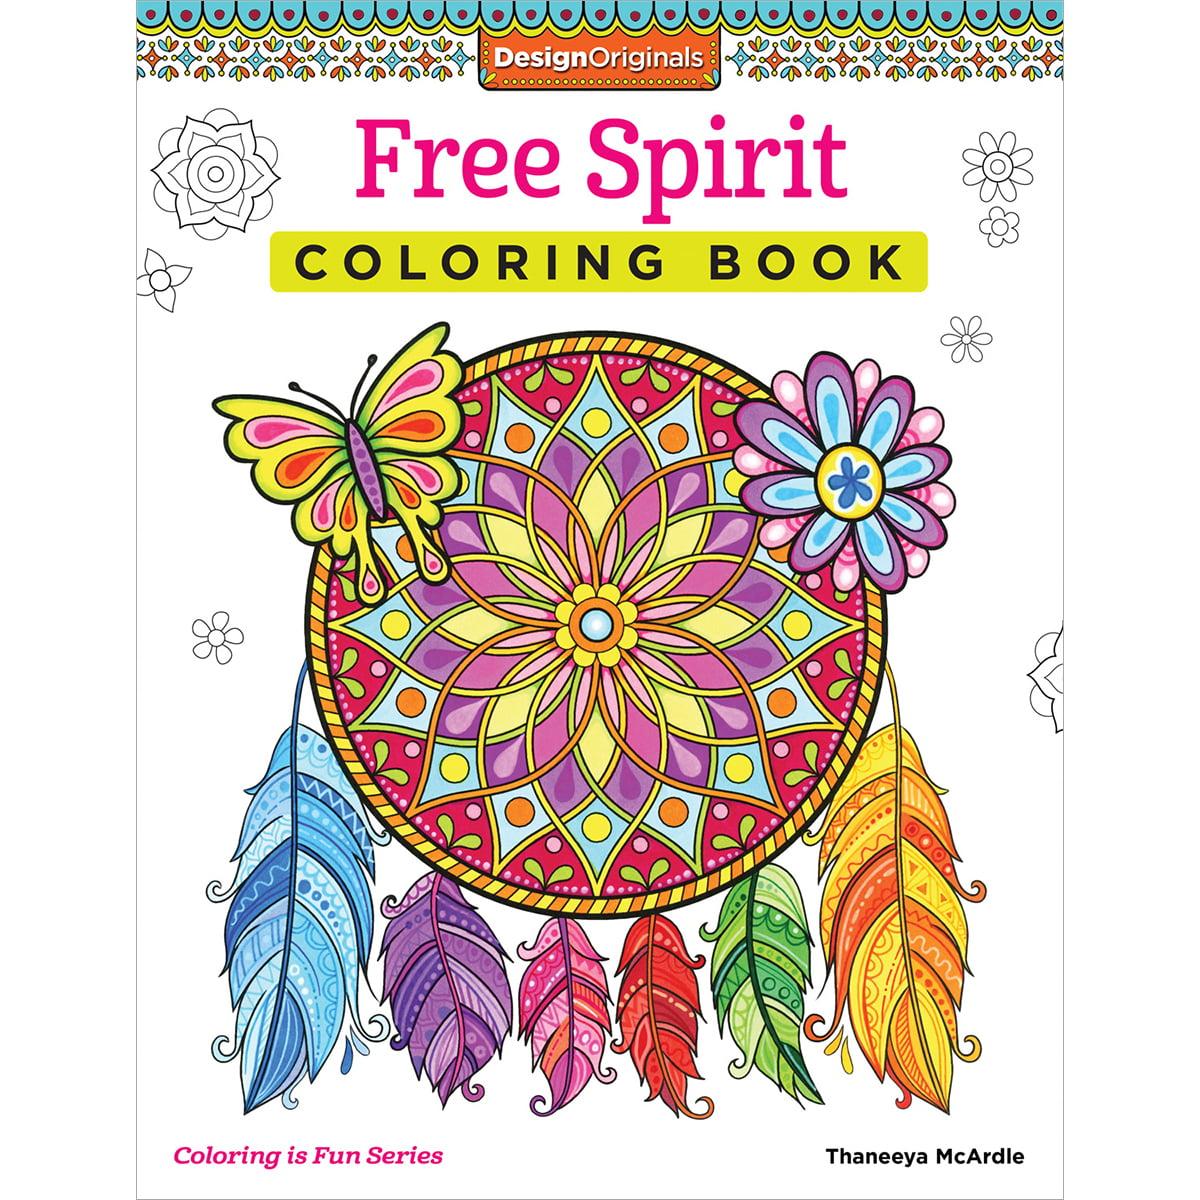 Design Originals Free Spirit Adult Coloring Book